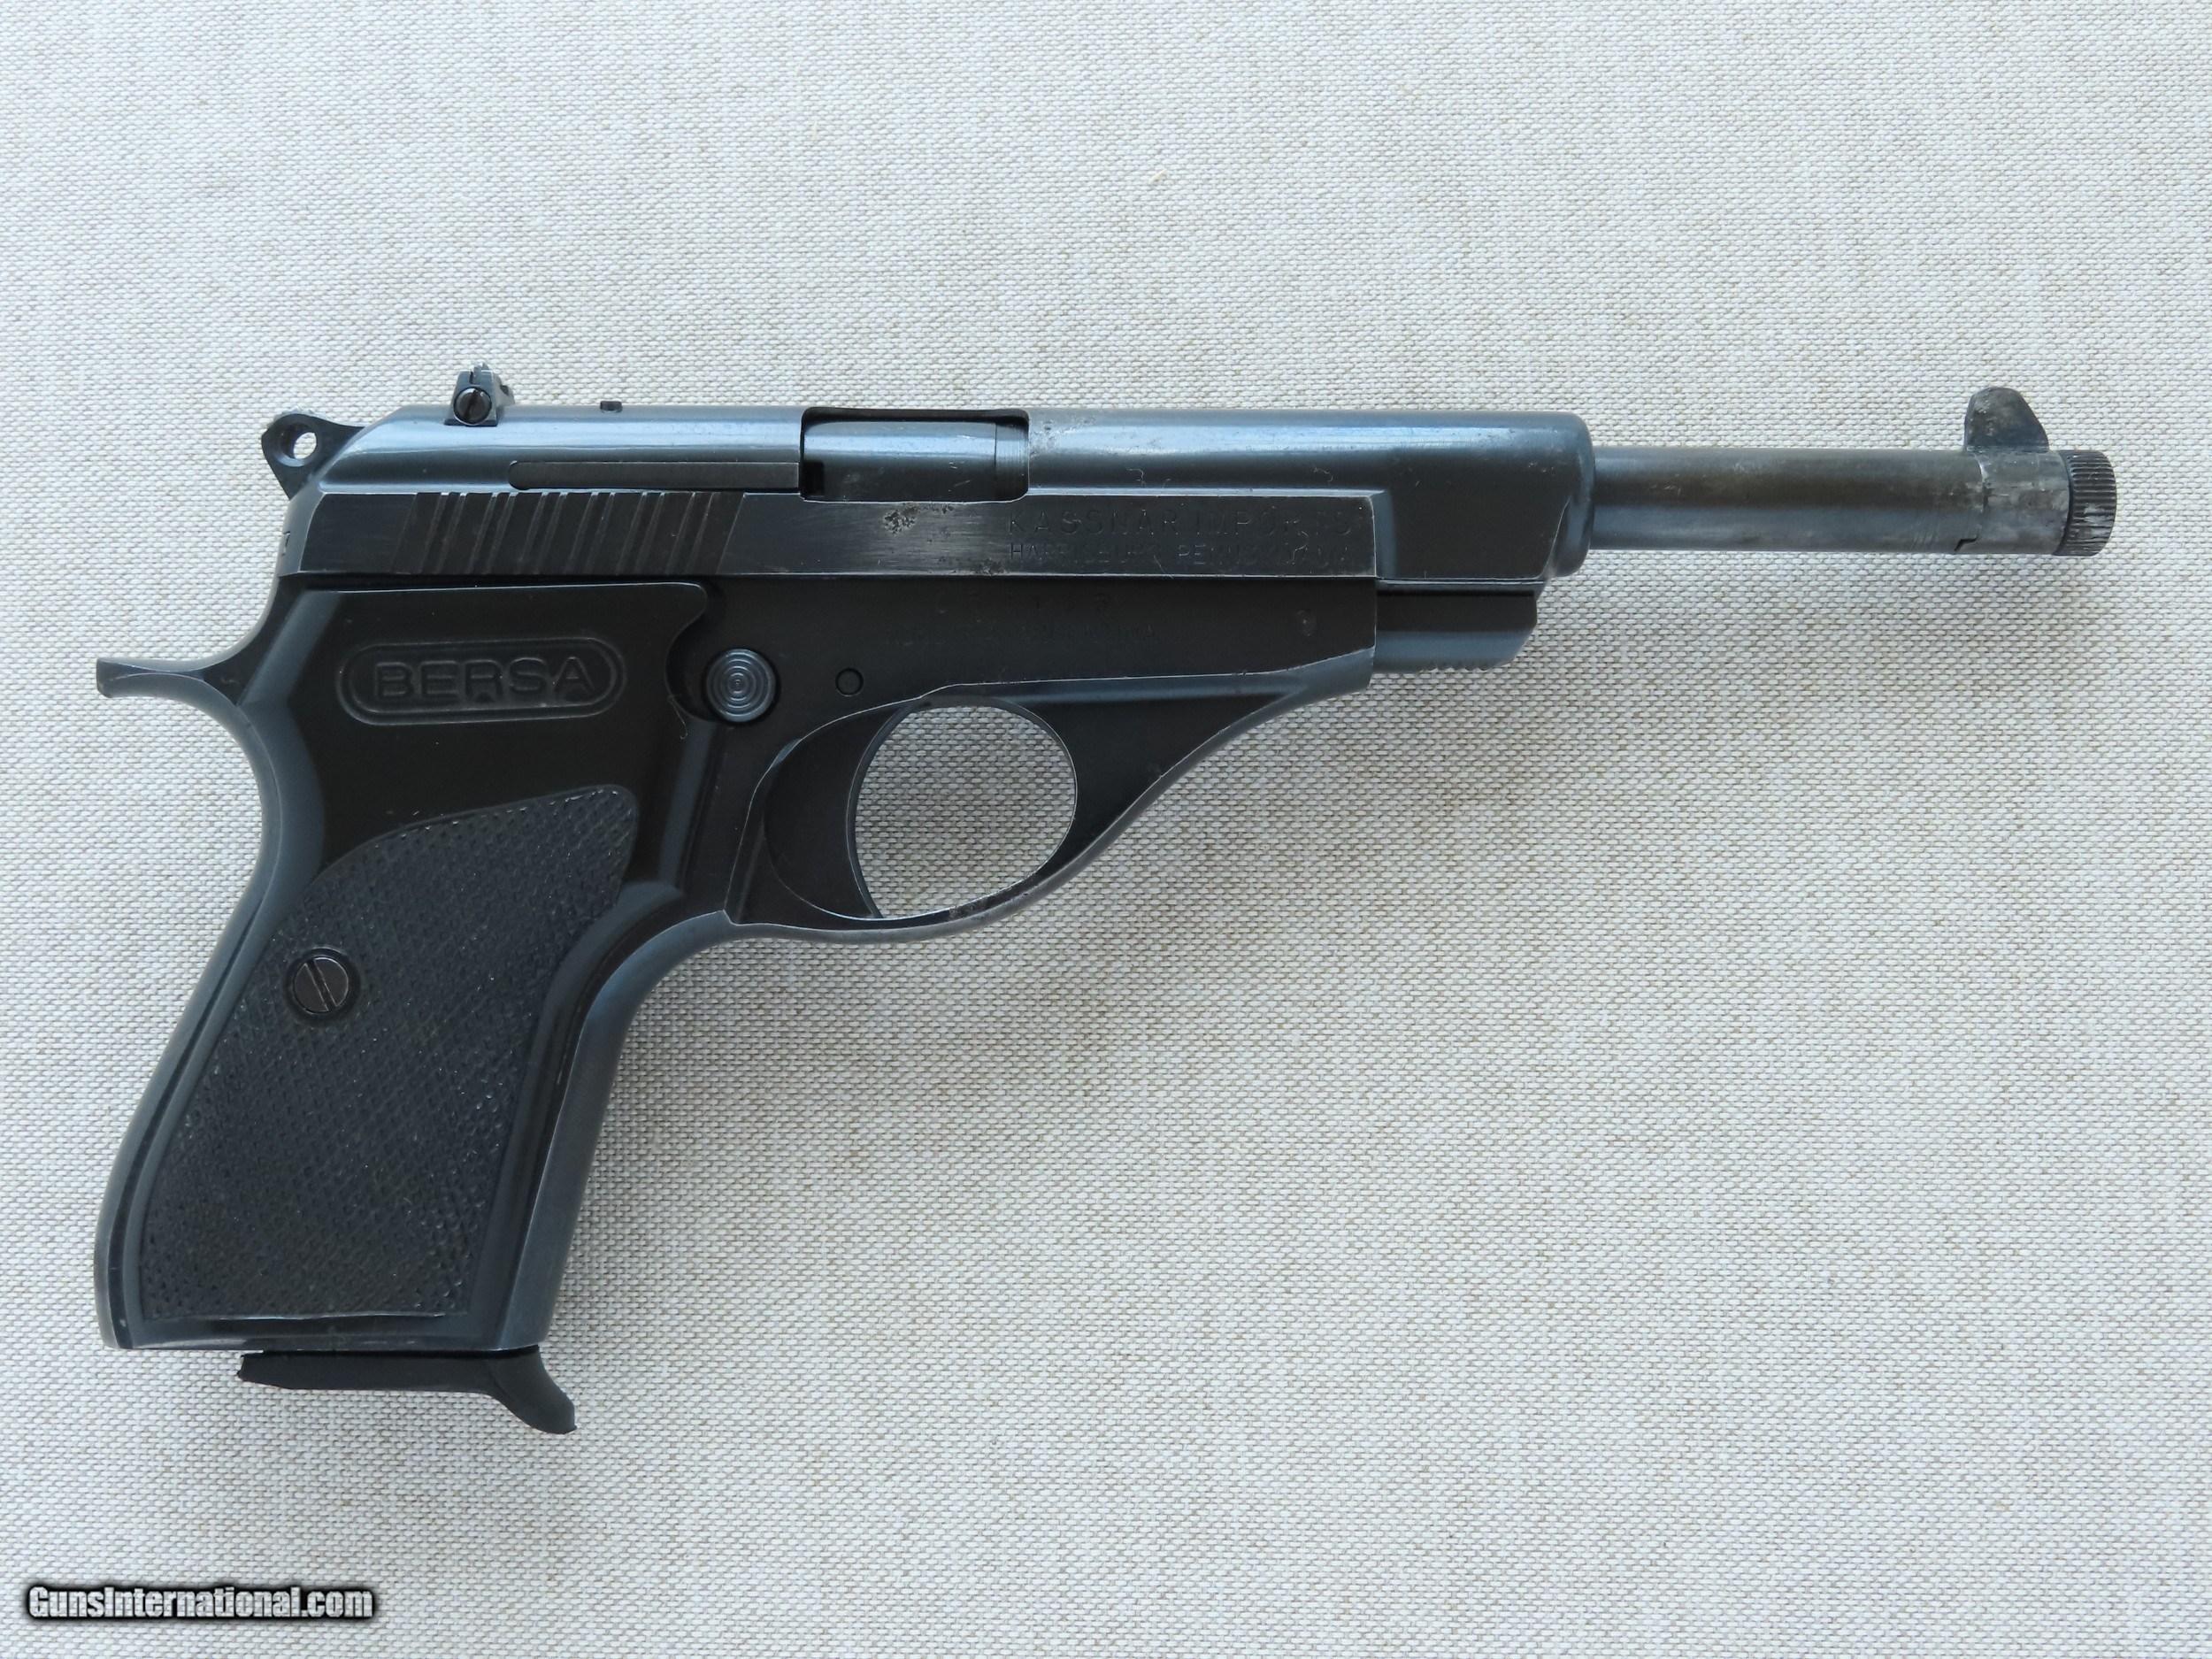 1979-'82 Vintage Bersa Model 622 Pistol in  22LR w/ Factory